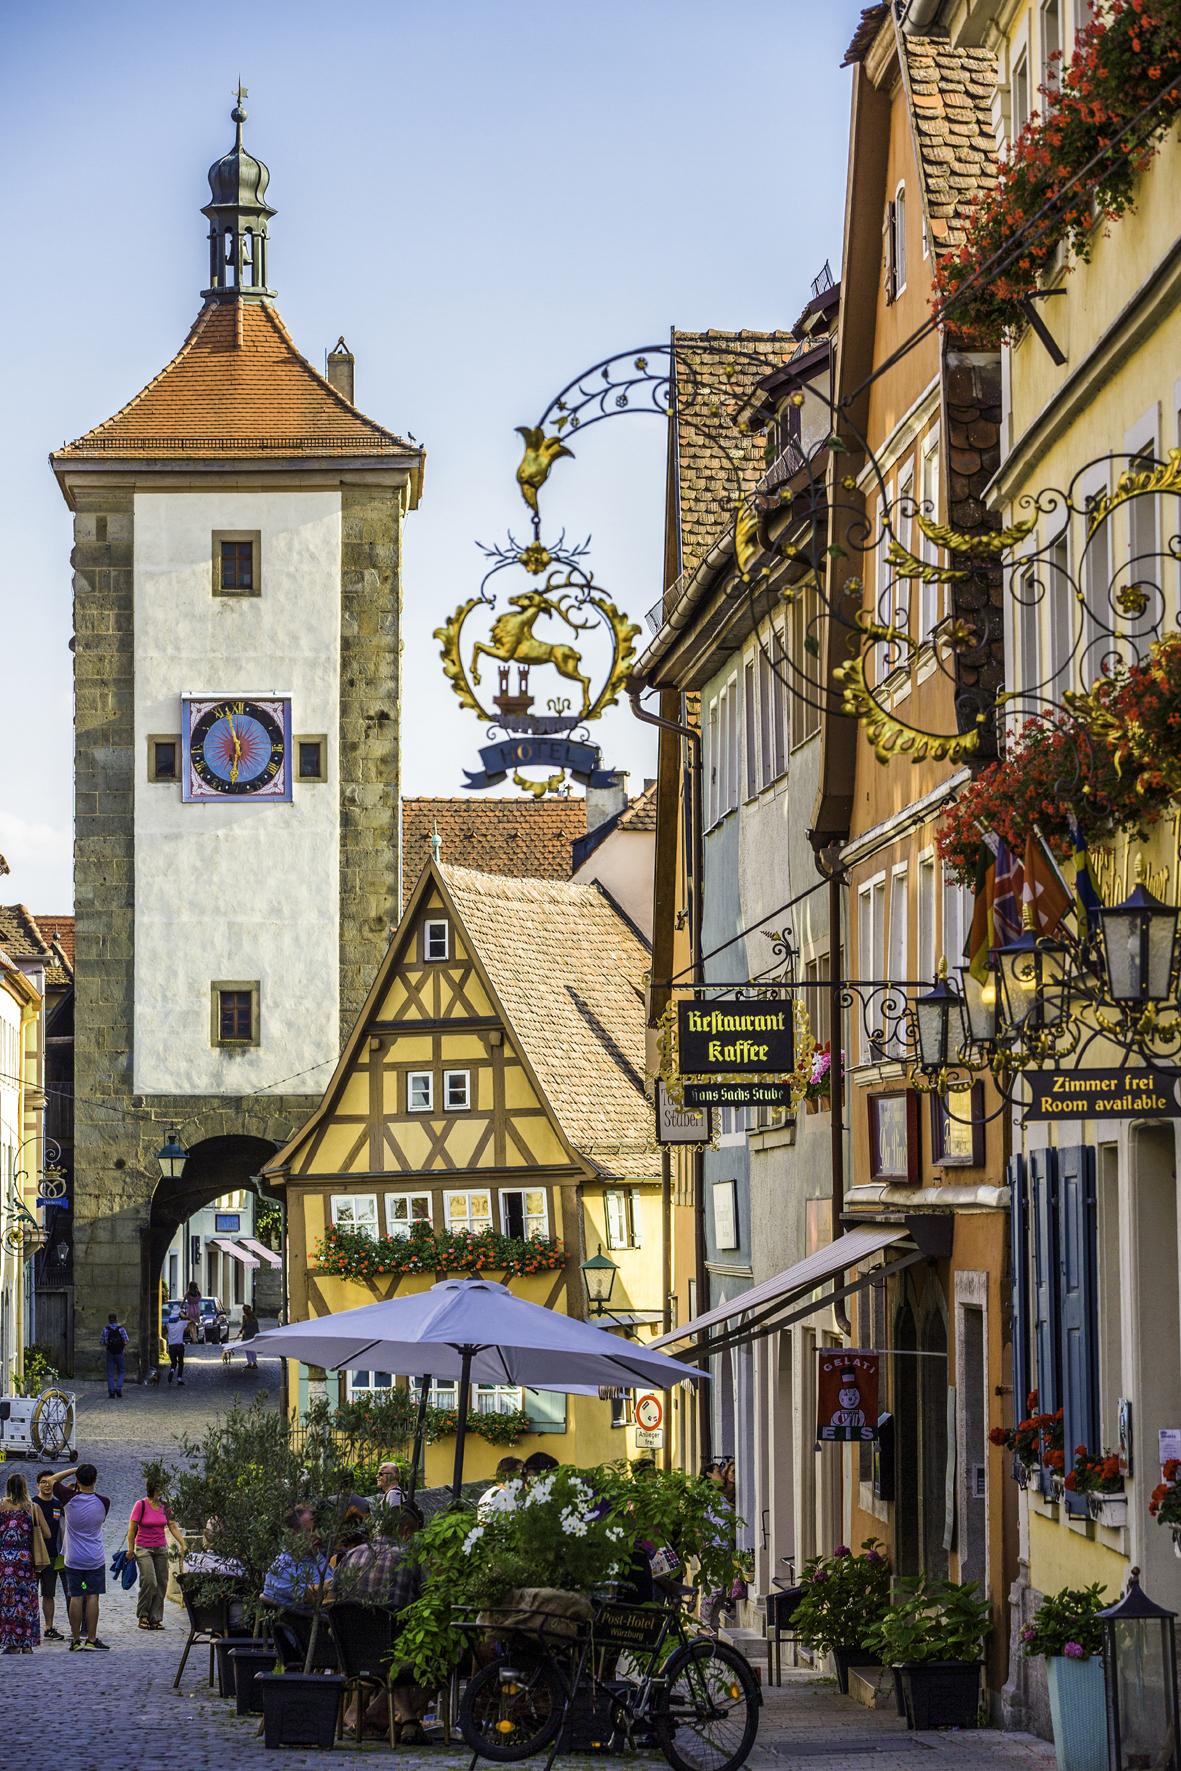 """Rothenburg ob der Tauber / Als wäre man in einem Mittelalterroman gelandet, so fühlt man sich in Rothenburg ob der Tauber. Die Stadt ist Station auf dem """"Fränkischen Radachter"""", der Main und Tauber miteinander verbindet. Bildnachweis: Radweg-Reisen"""